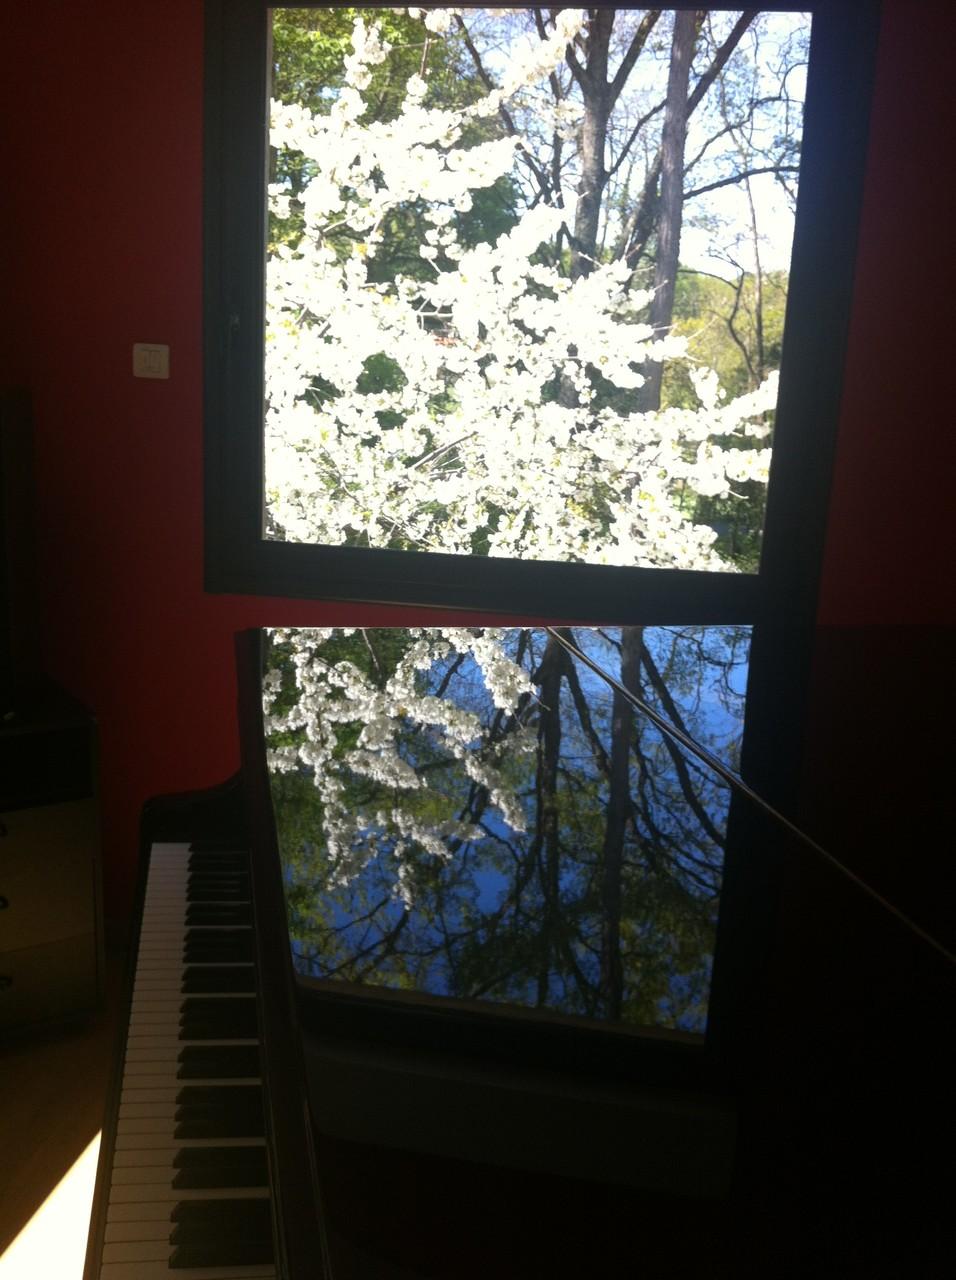 Reflets du cerisier en fleurs sur le Steinway